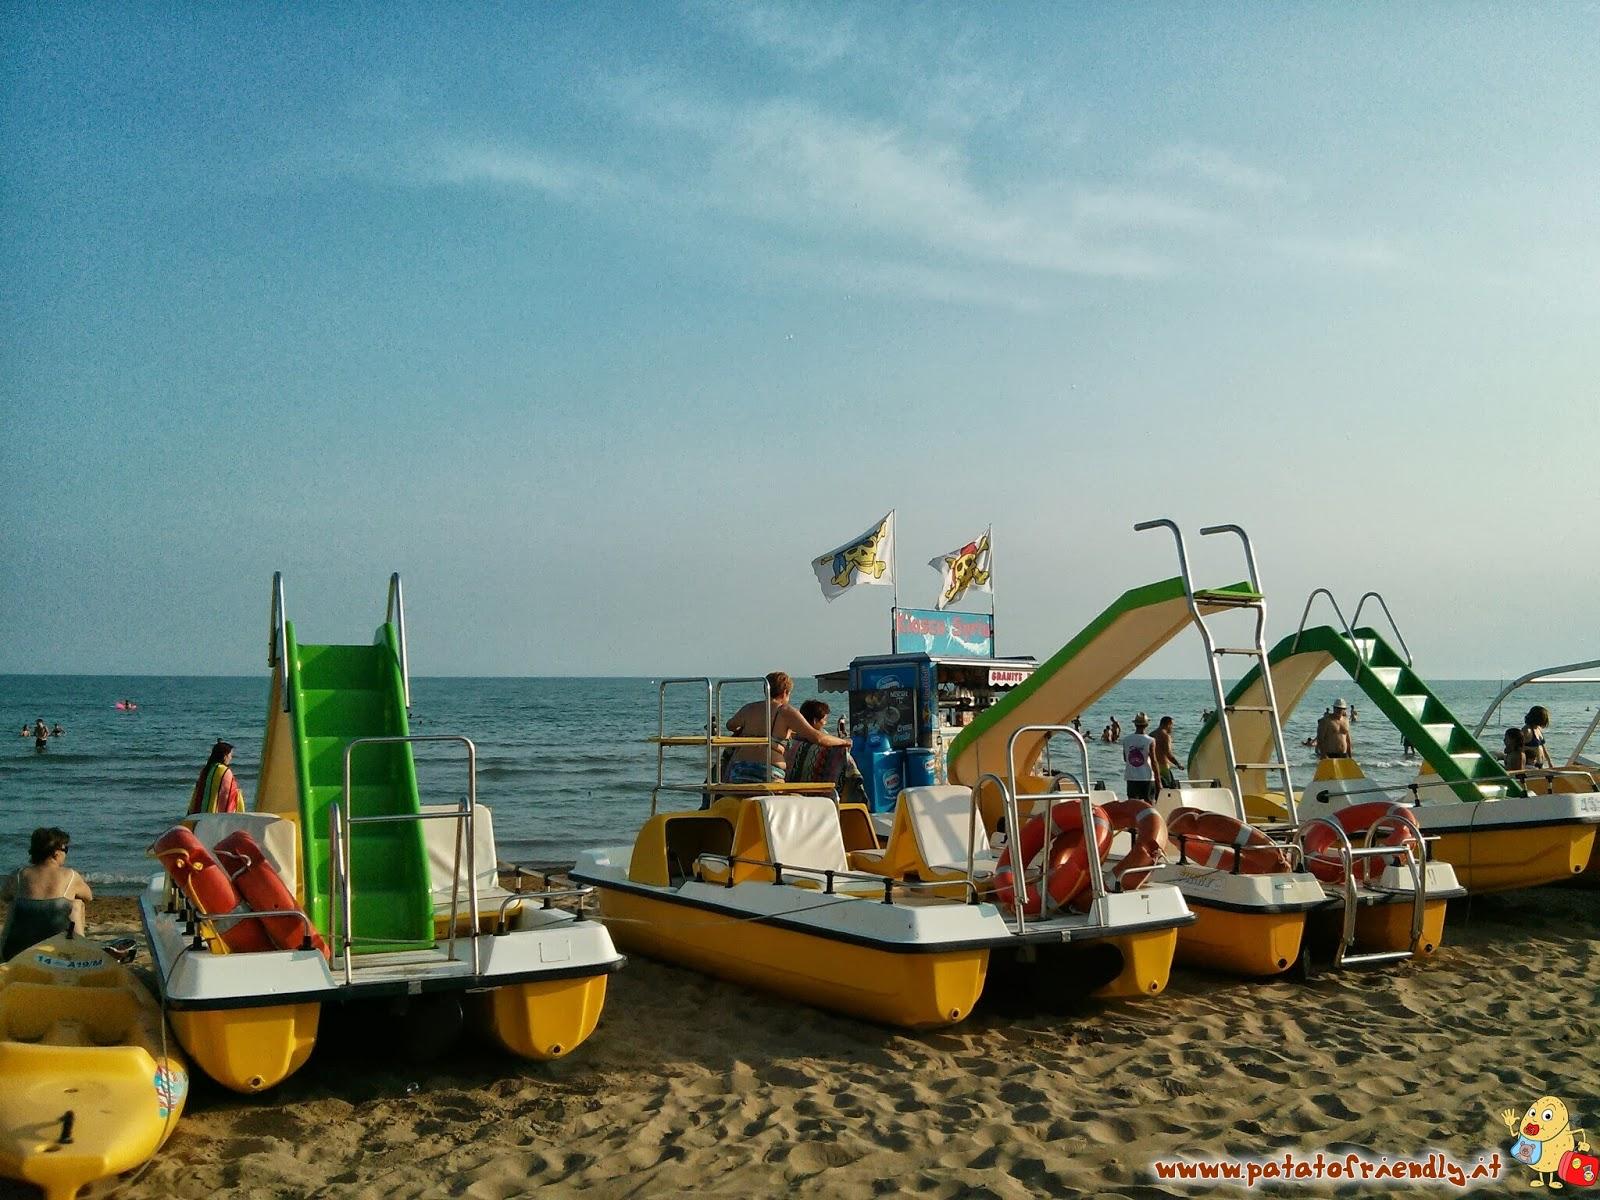 Viaggiare con i bambini al mare